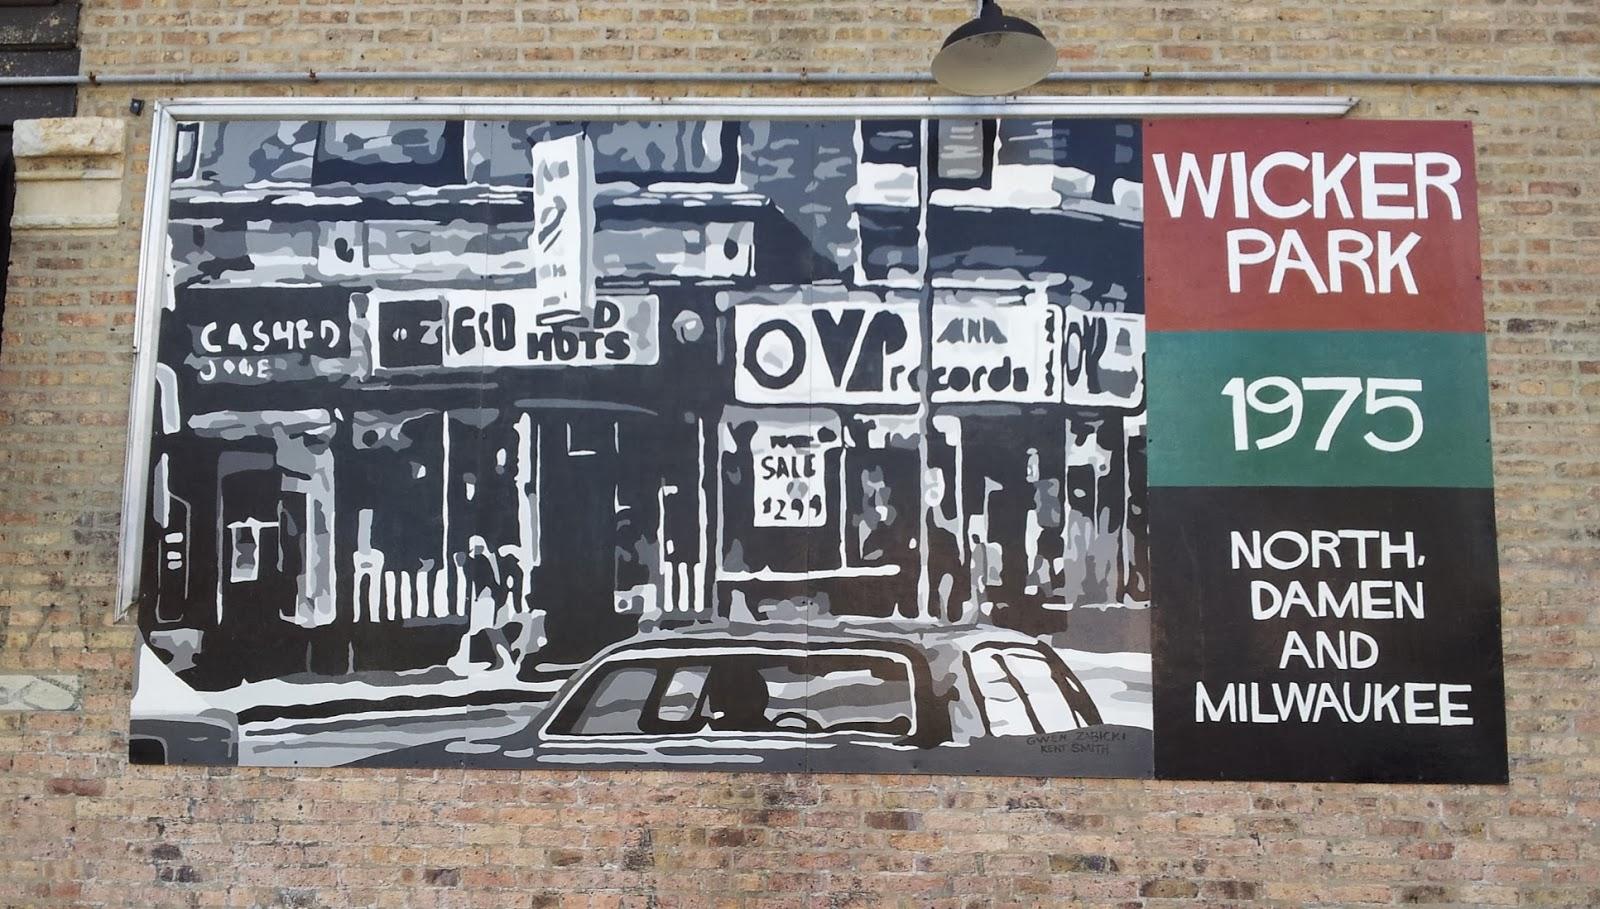 Fair white frogman wicker park mural october 2013 for Mural in chicago illinois